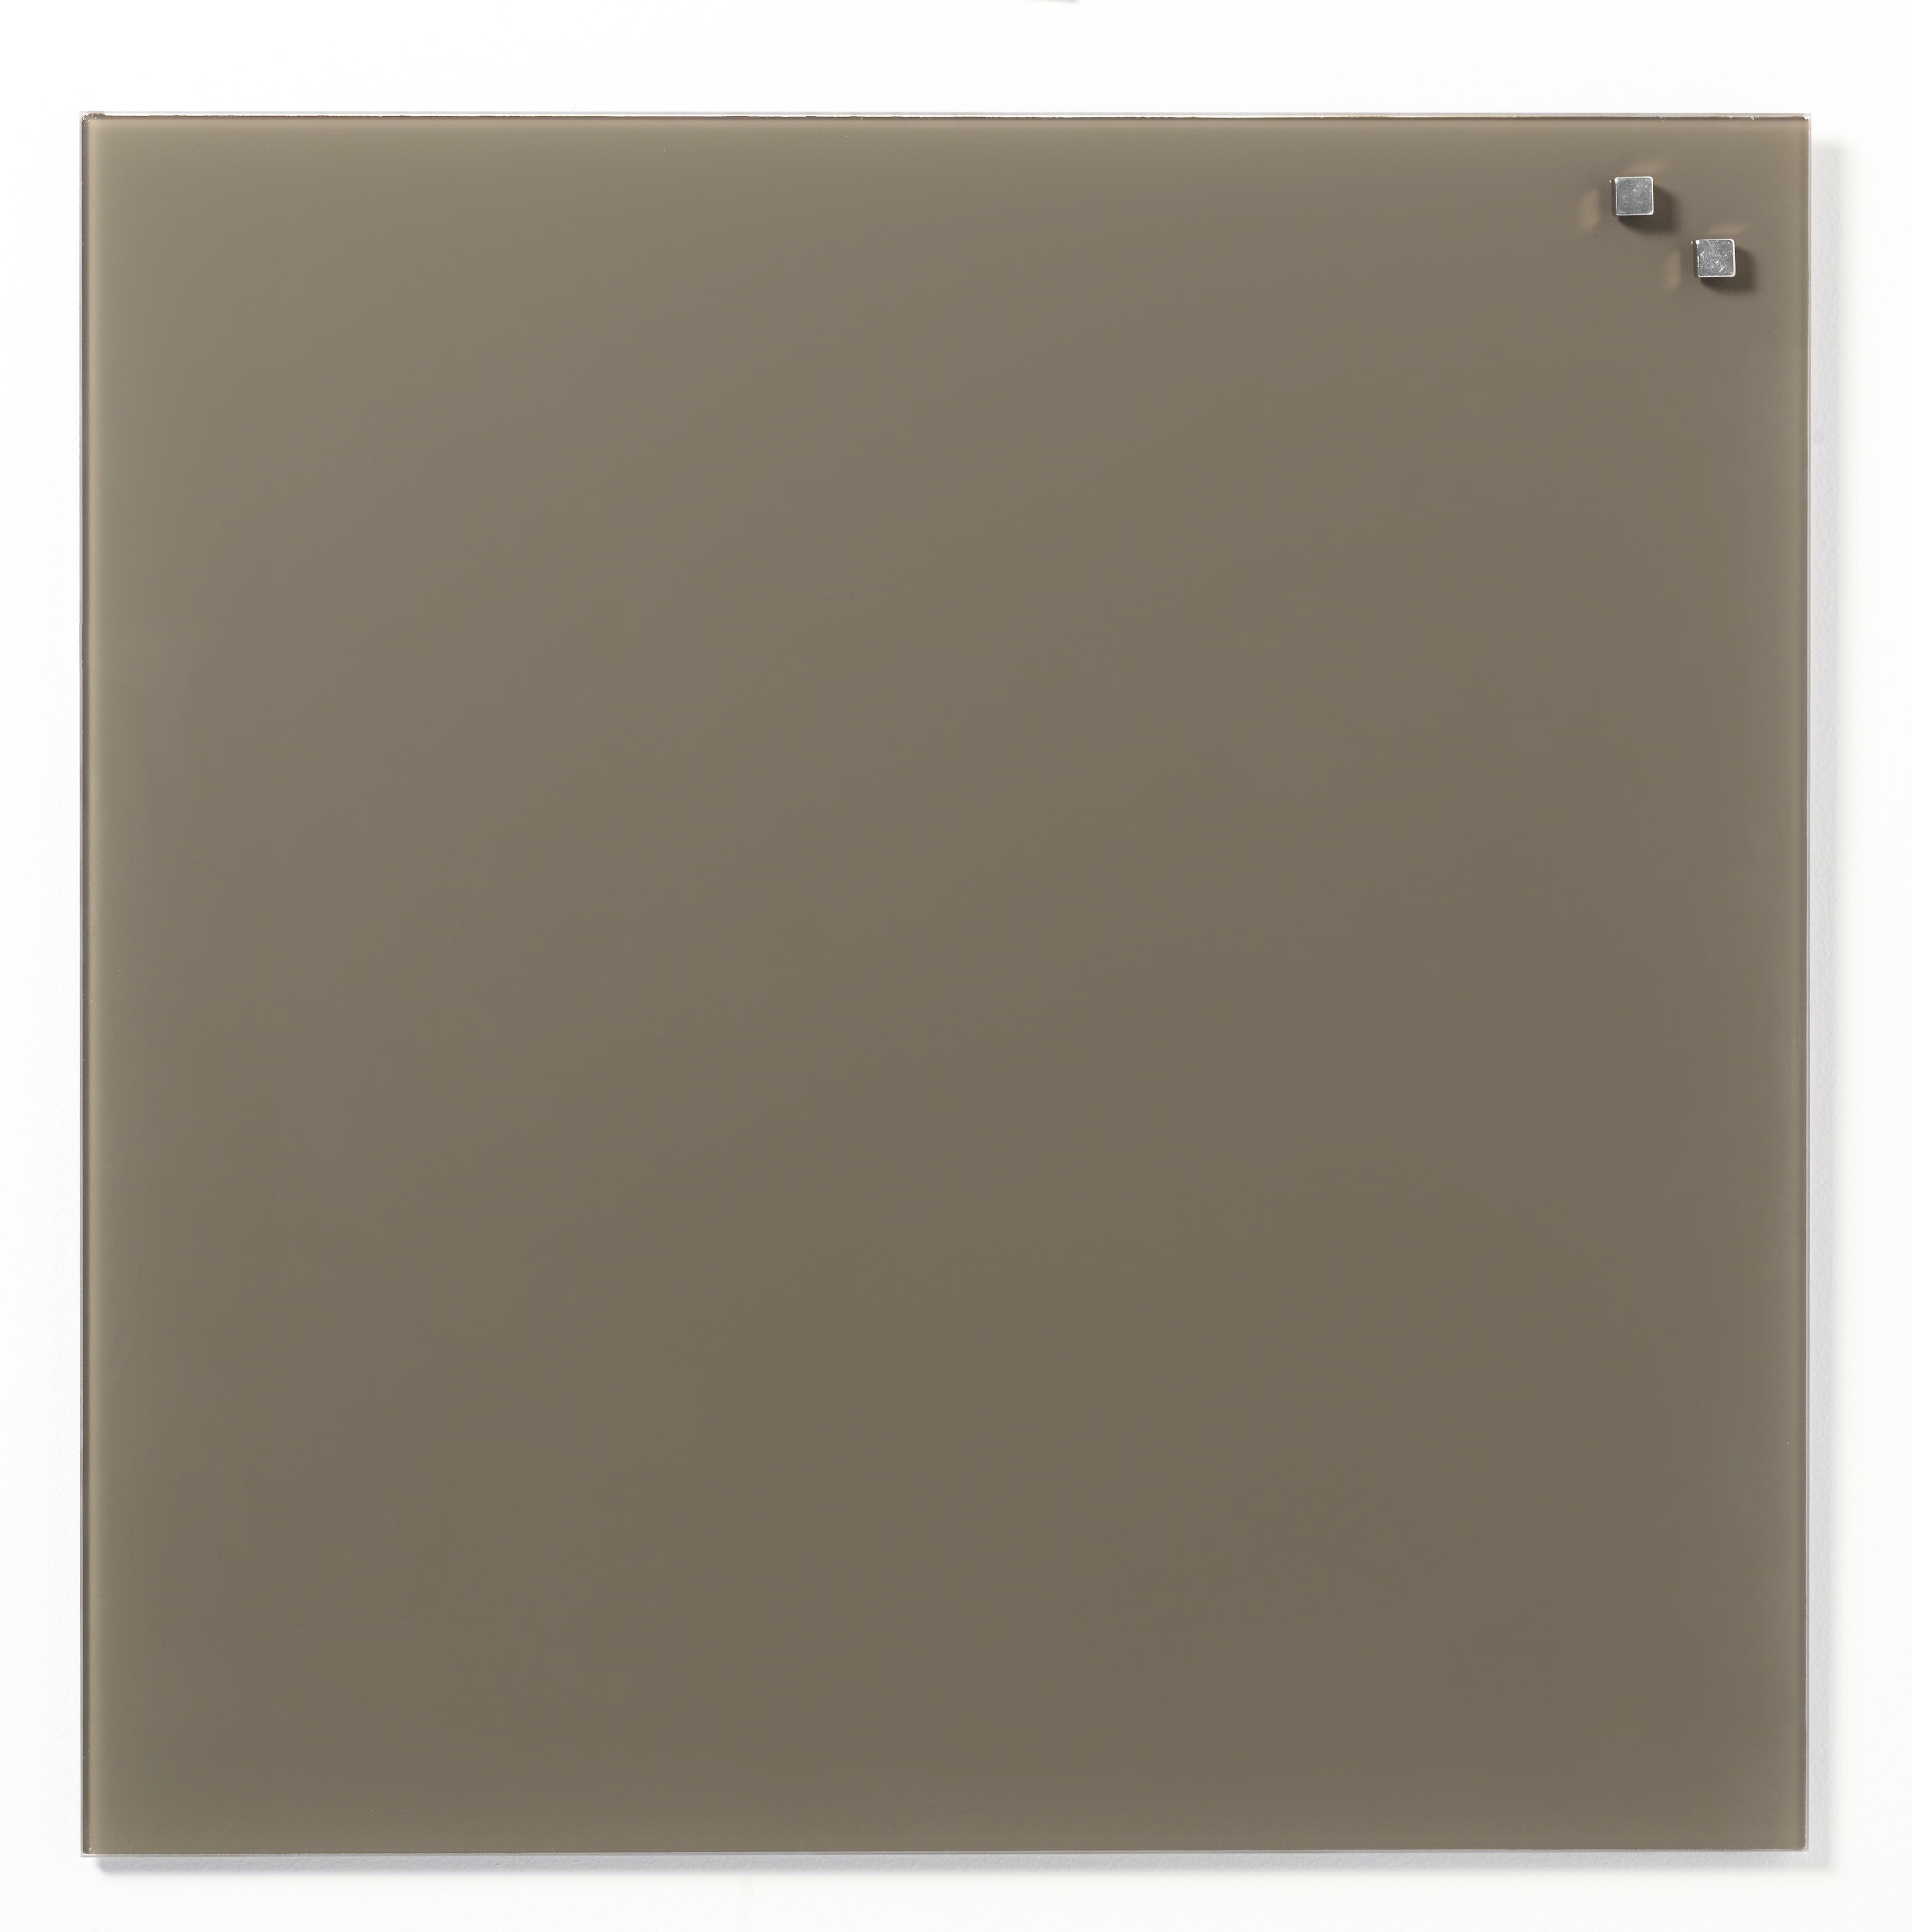 Tabule magnetické skleněné - 45 x 45 cm / béžová